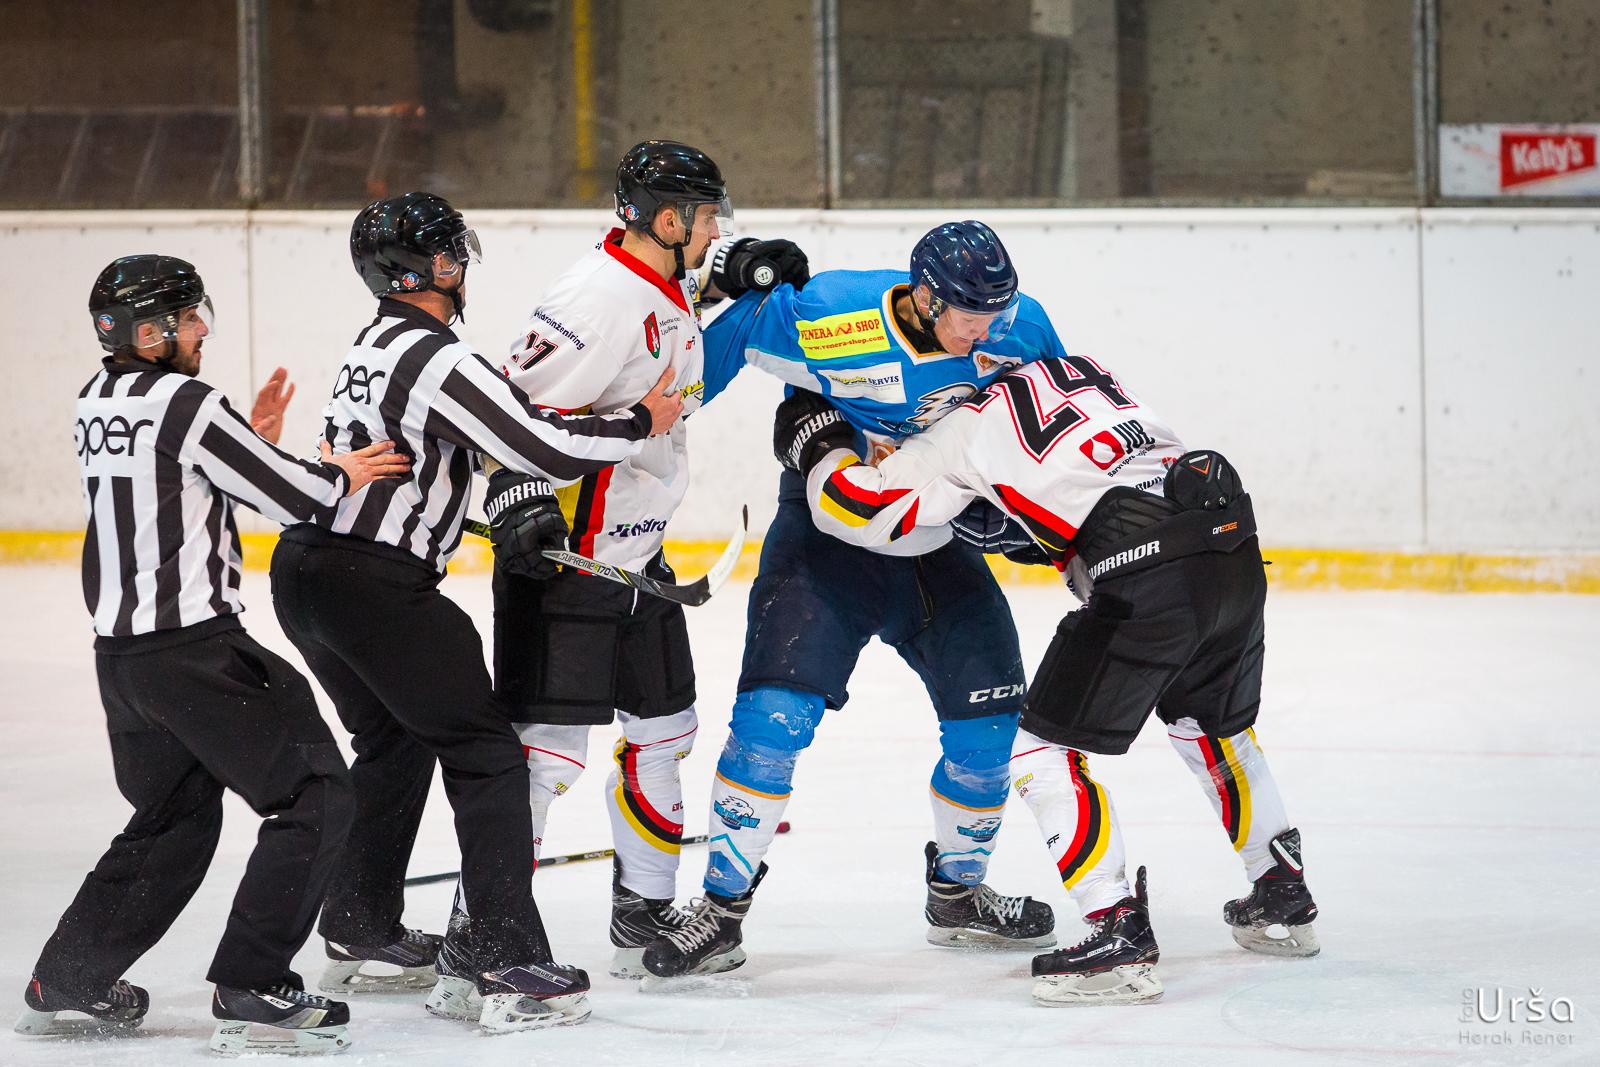 Tekma IHL člani HK Triglav vs. HK Slavija Junior, 22.12.2018